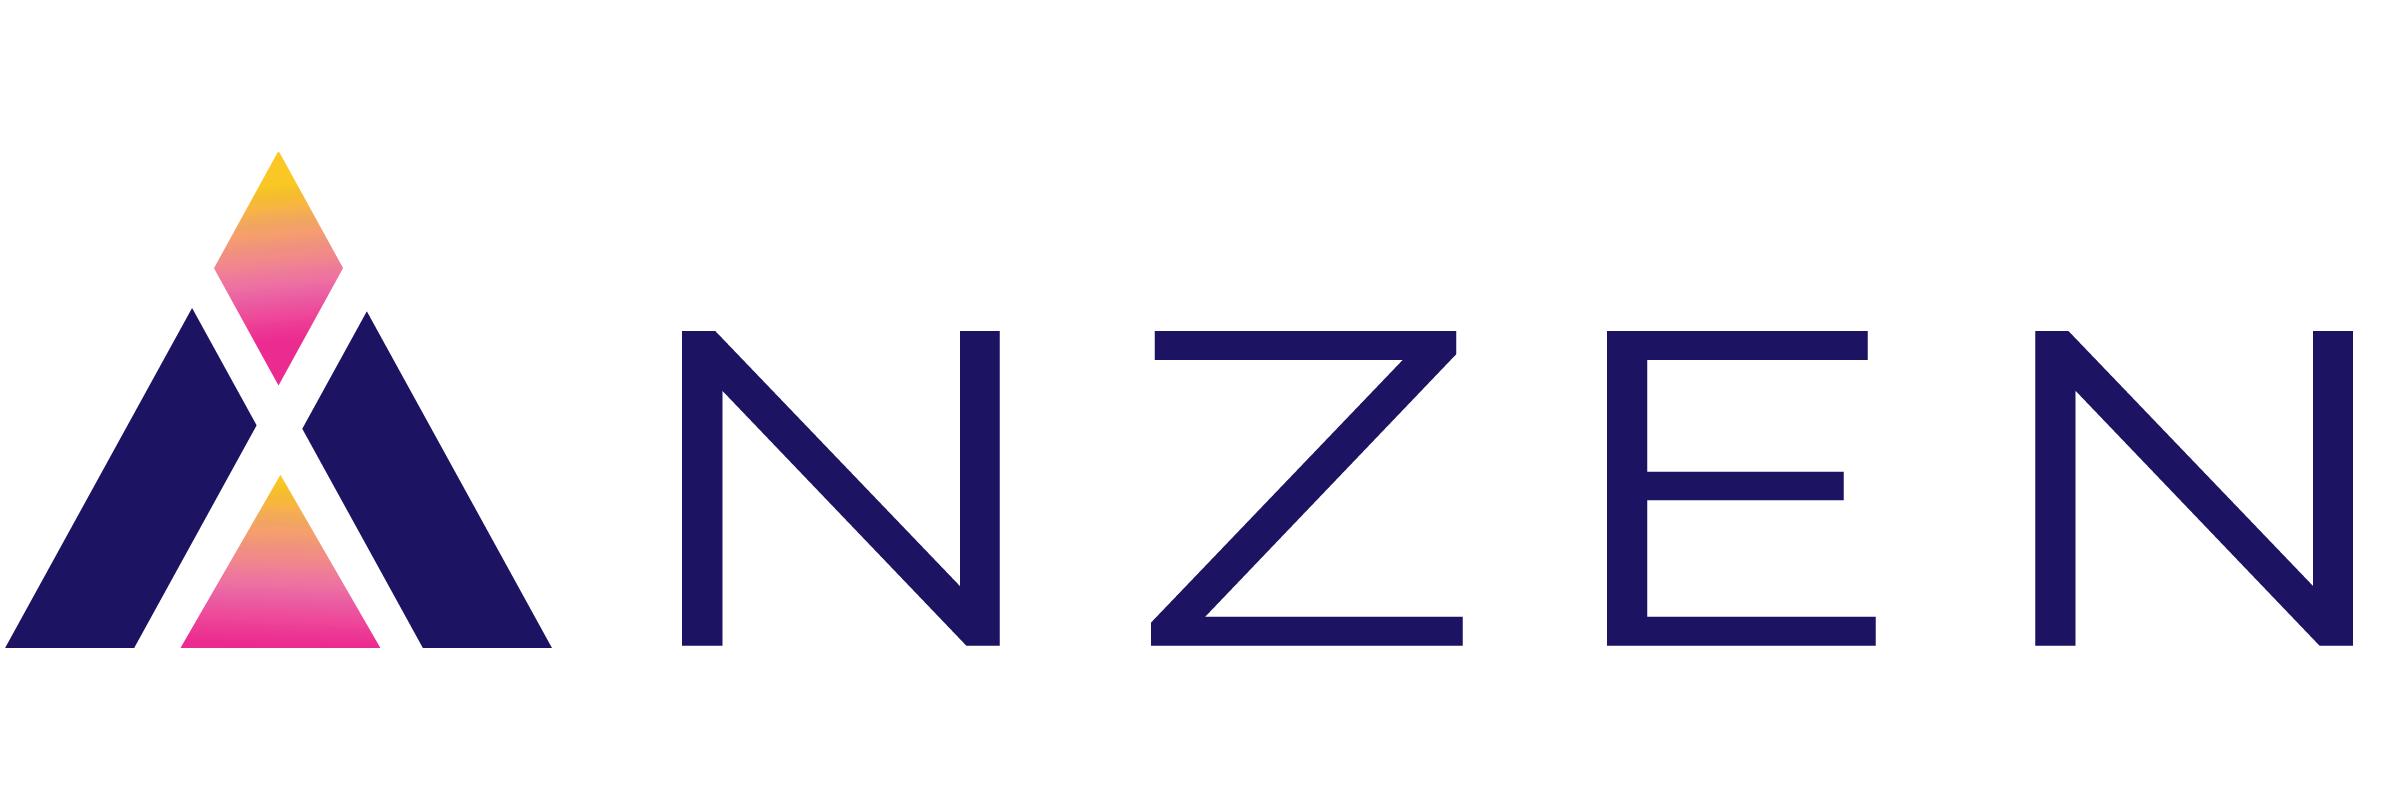 Anzen